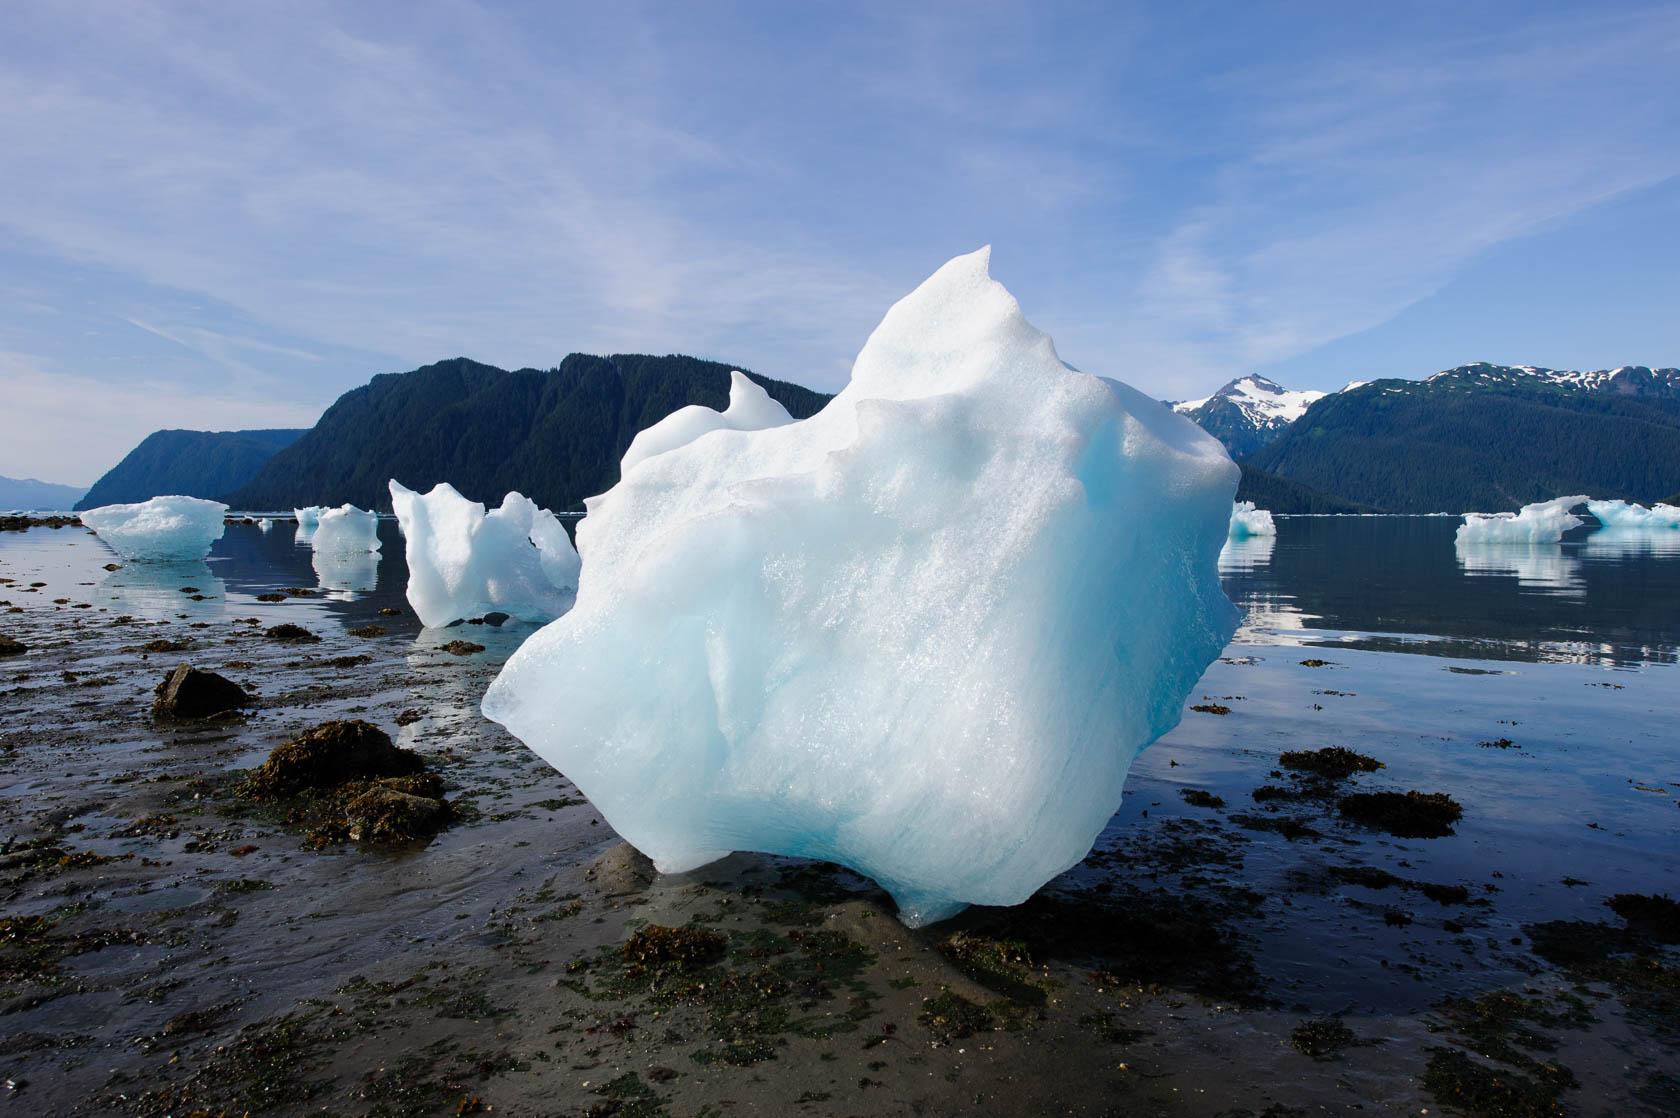 Stranded Iceberg, Le Conte Bay, Alaska